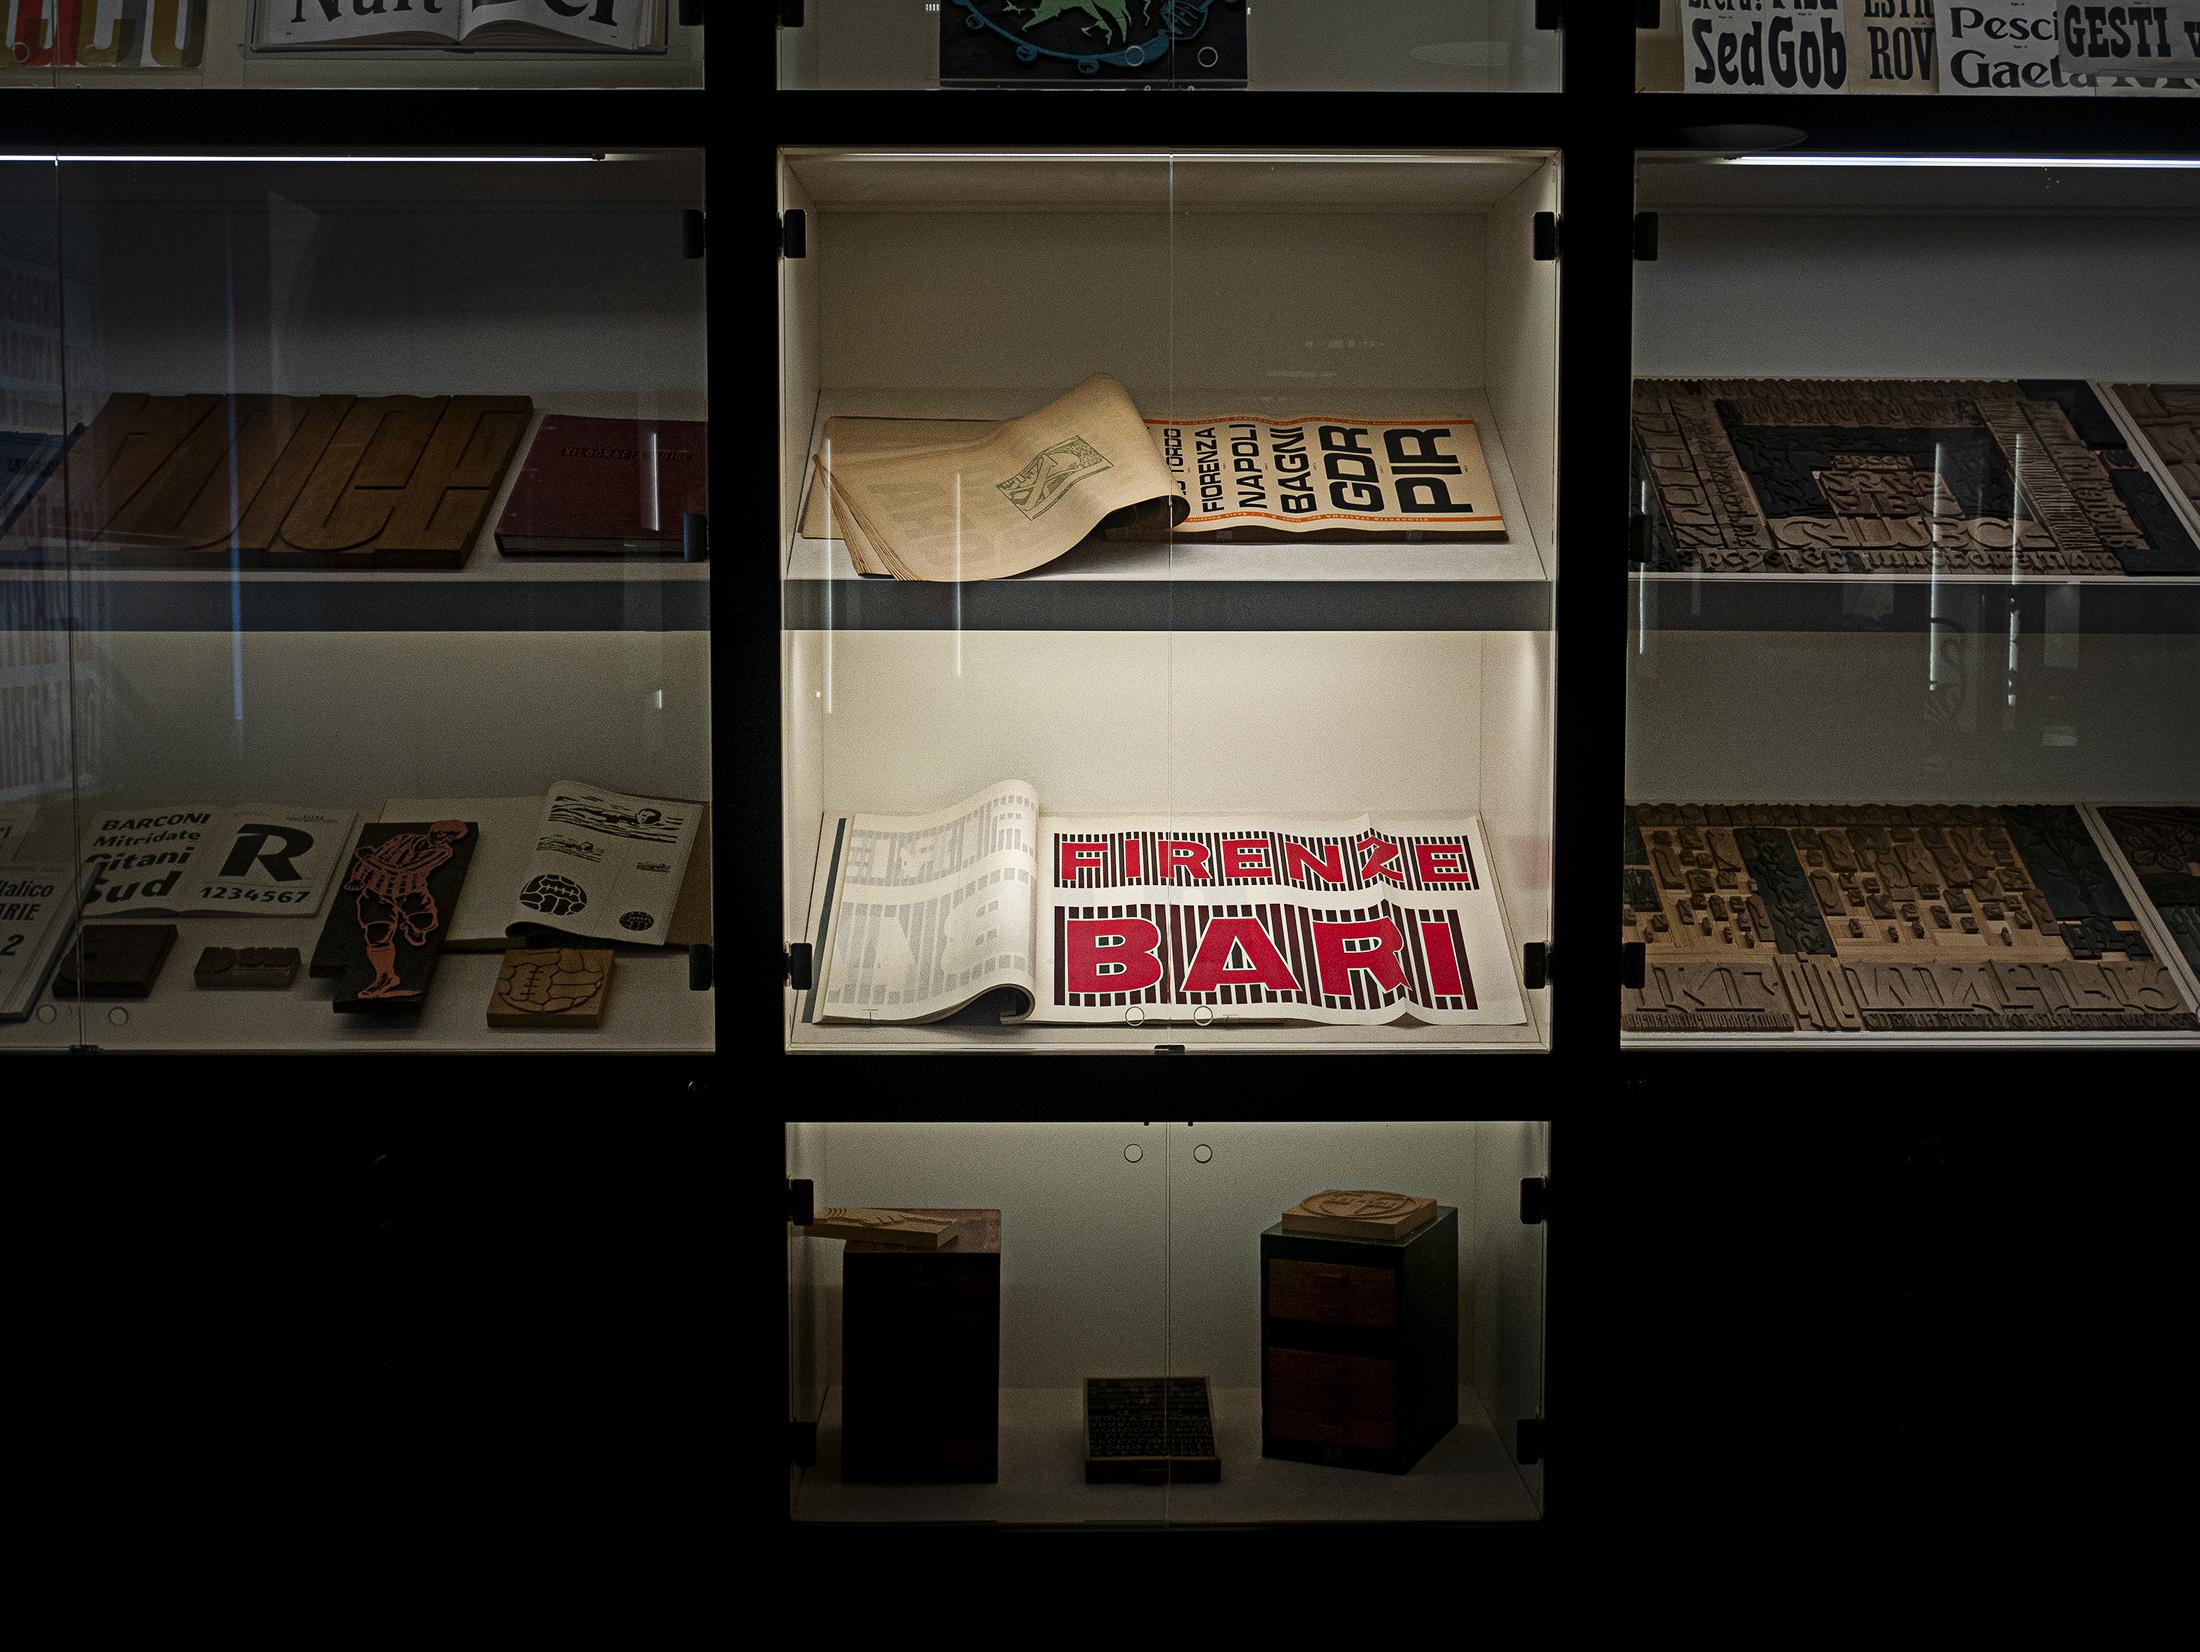 Tipoteca Printing Museum Near Treviso, Italy